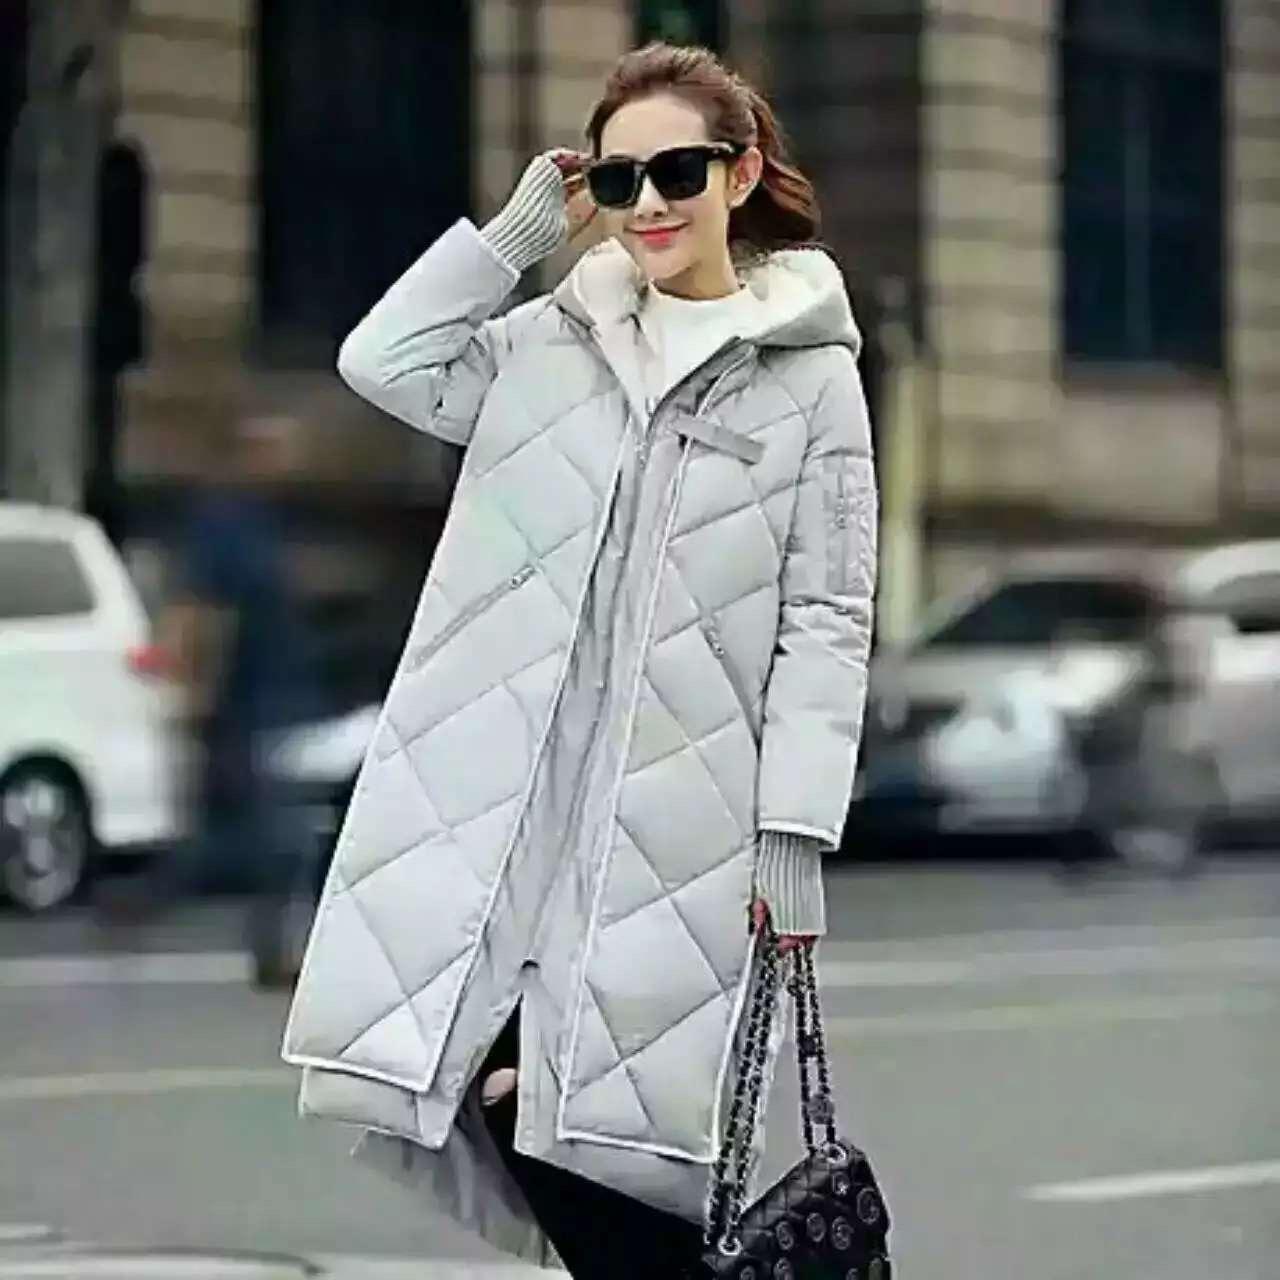 精品外贸秋冬服装批发,品种齐全,价格低廉,4元起